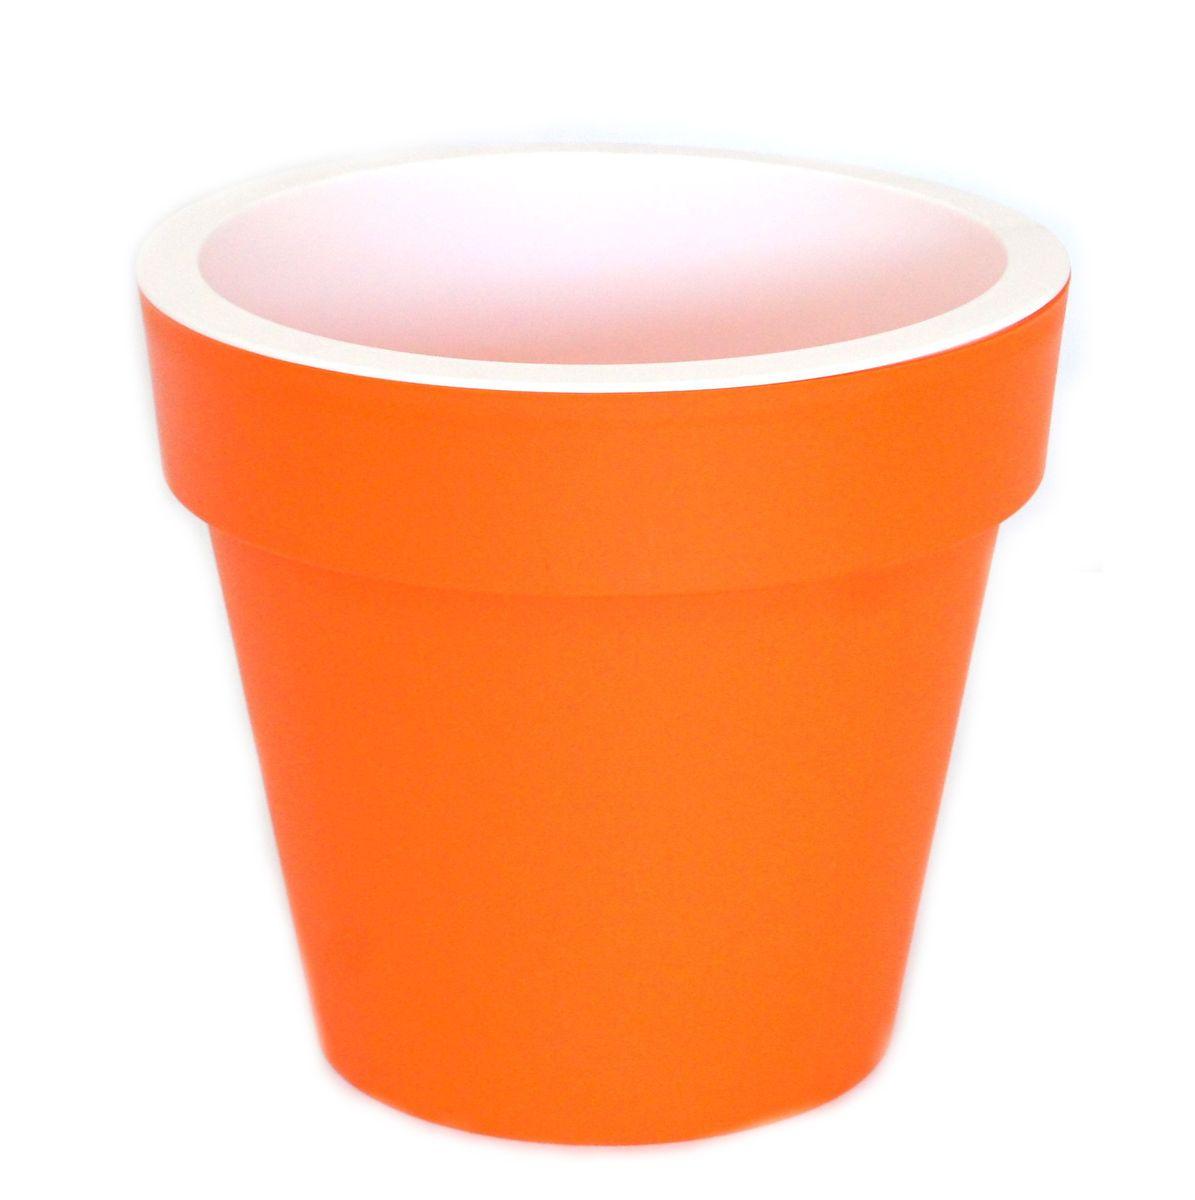 Кашпо JetPlast Порто, со вставкой, цвет: оранжевый, 3,5 л4612754052752Кашпо классической формы с внутренней вставкой-горшком. Дренажная вставка позволяет легко поливать растения без использования дополнительного поддона. Вместительный объем кашпо позволяет высаживать самые разнообразные растения, а съемная вставка избавит вас от грязи и подчеркнет красоту цветка.